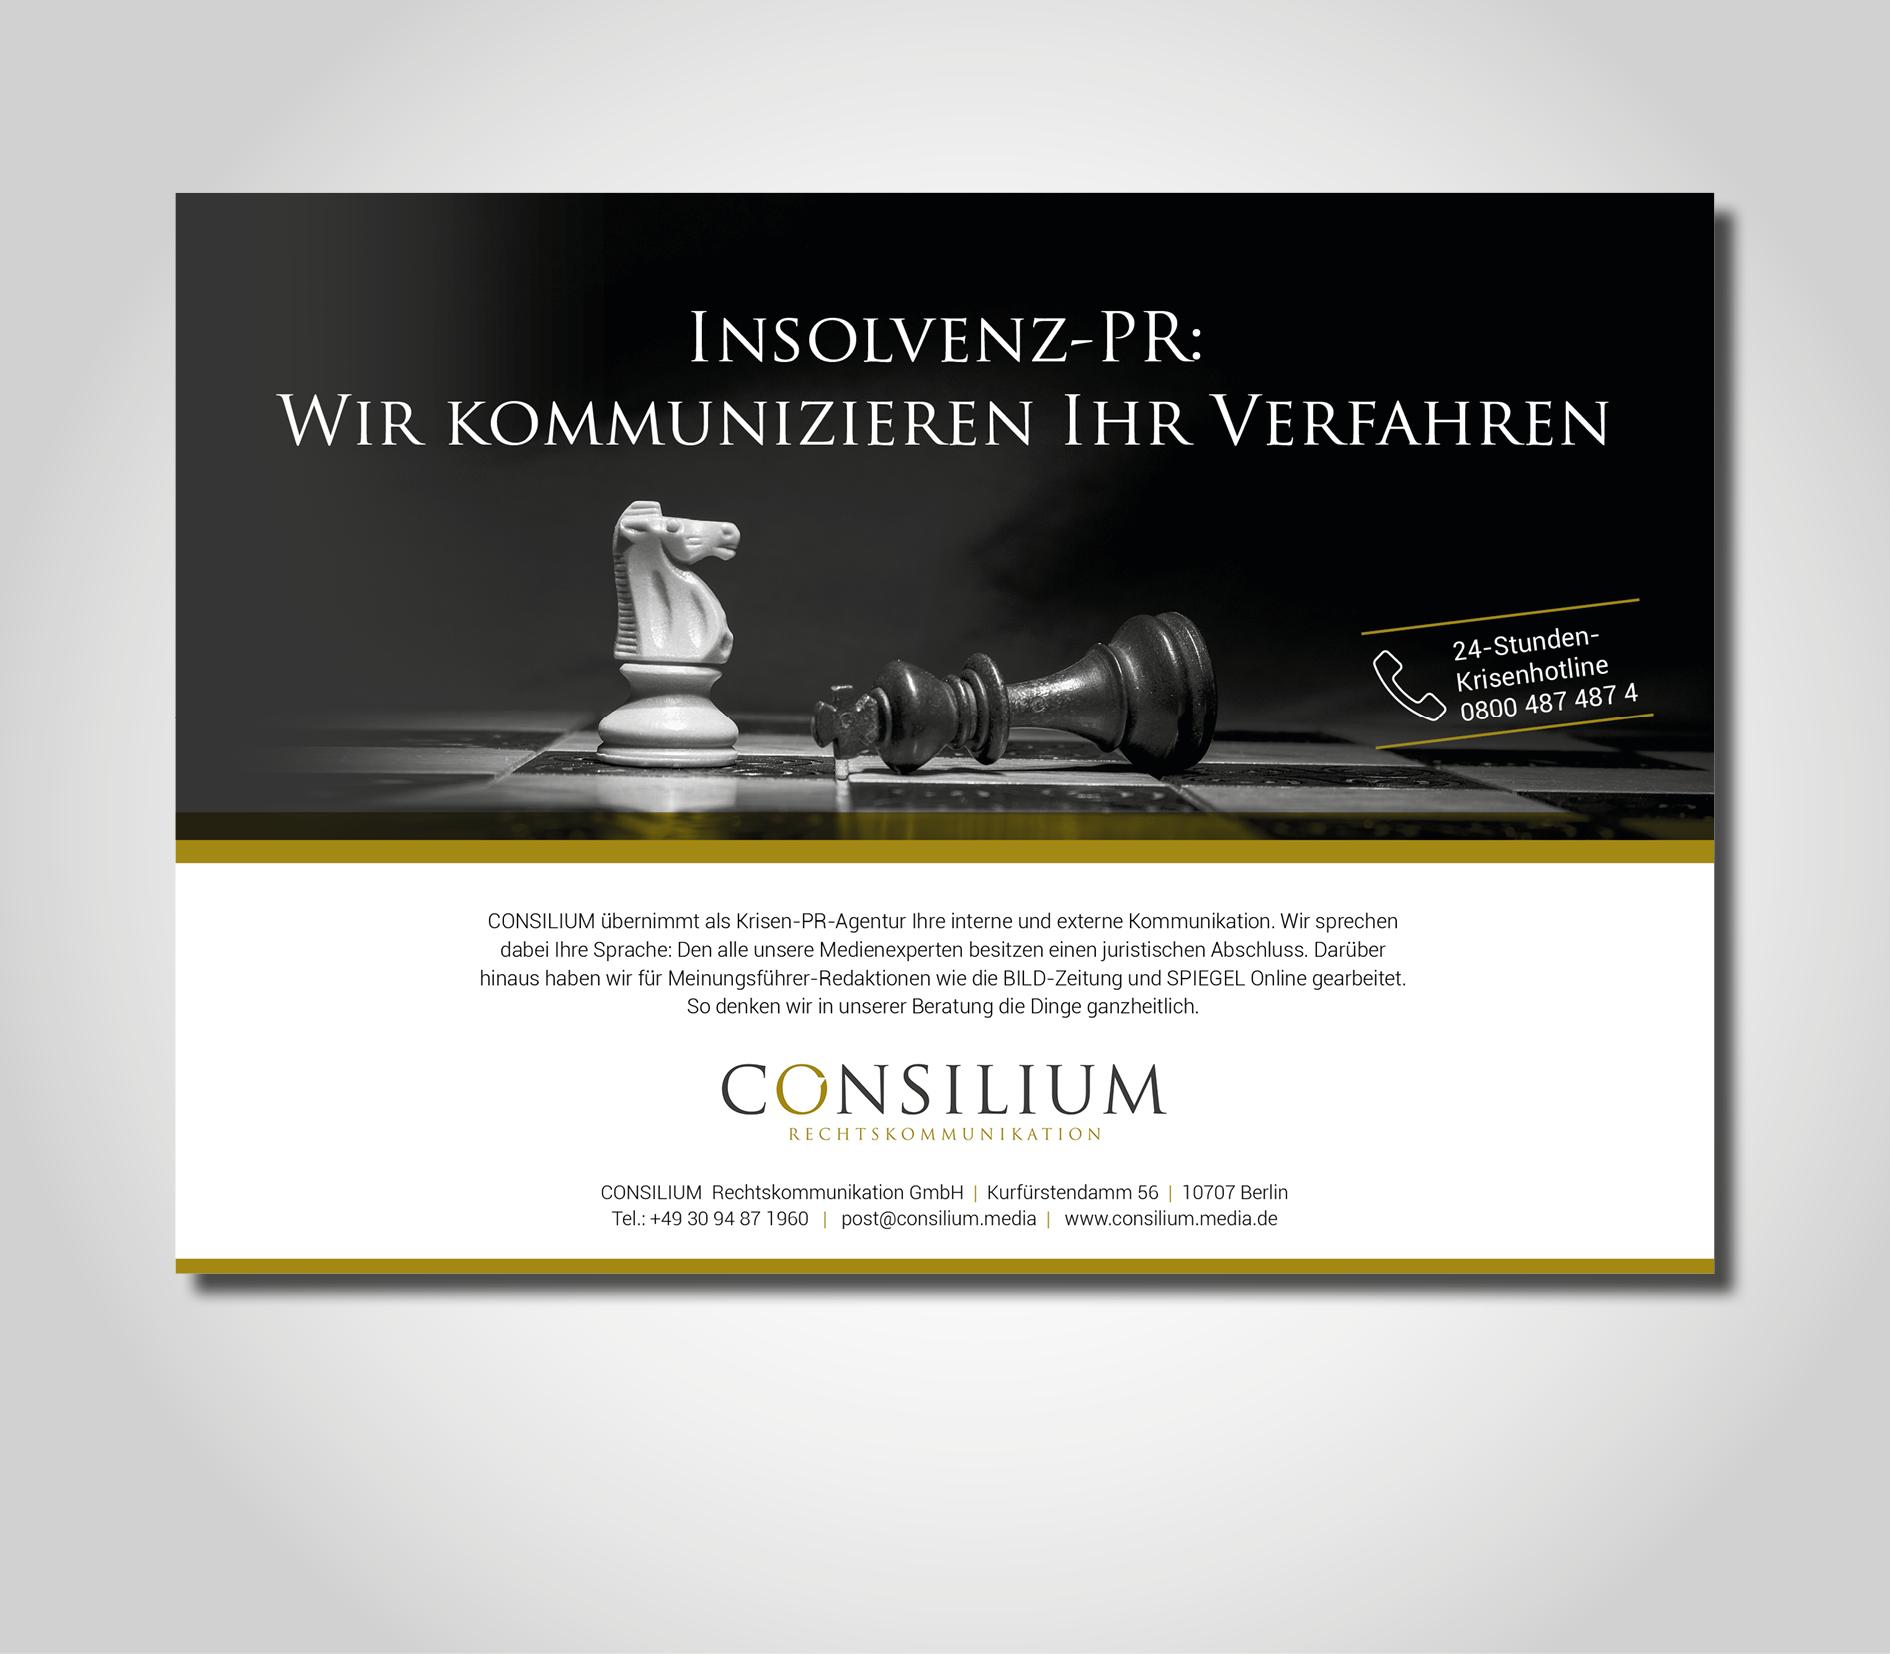 Anzeigengestaltung für Darstellung der Zentralaussagen einer PR-Agentur